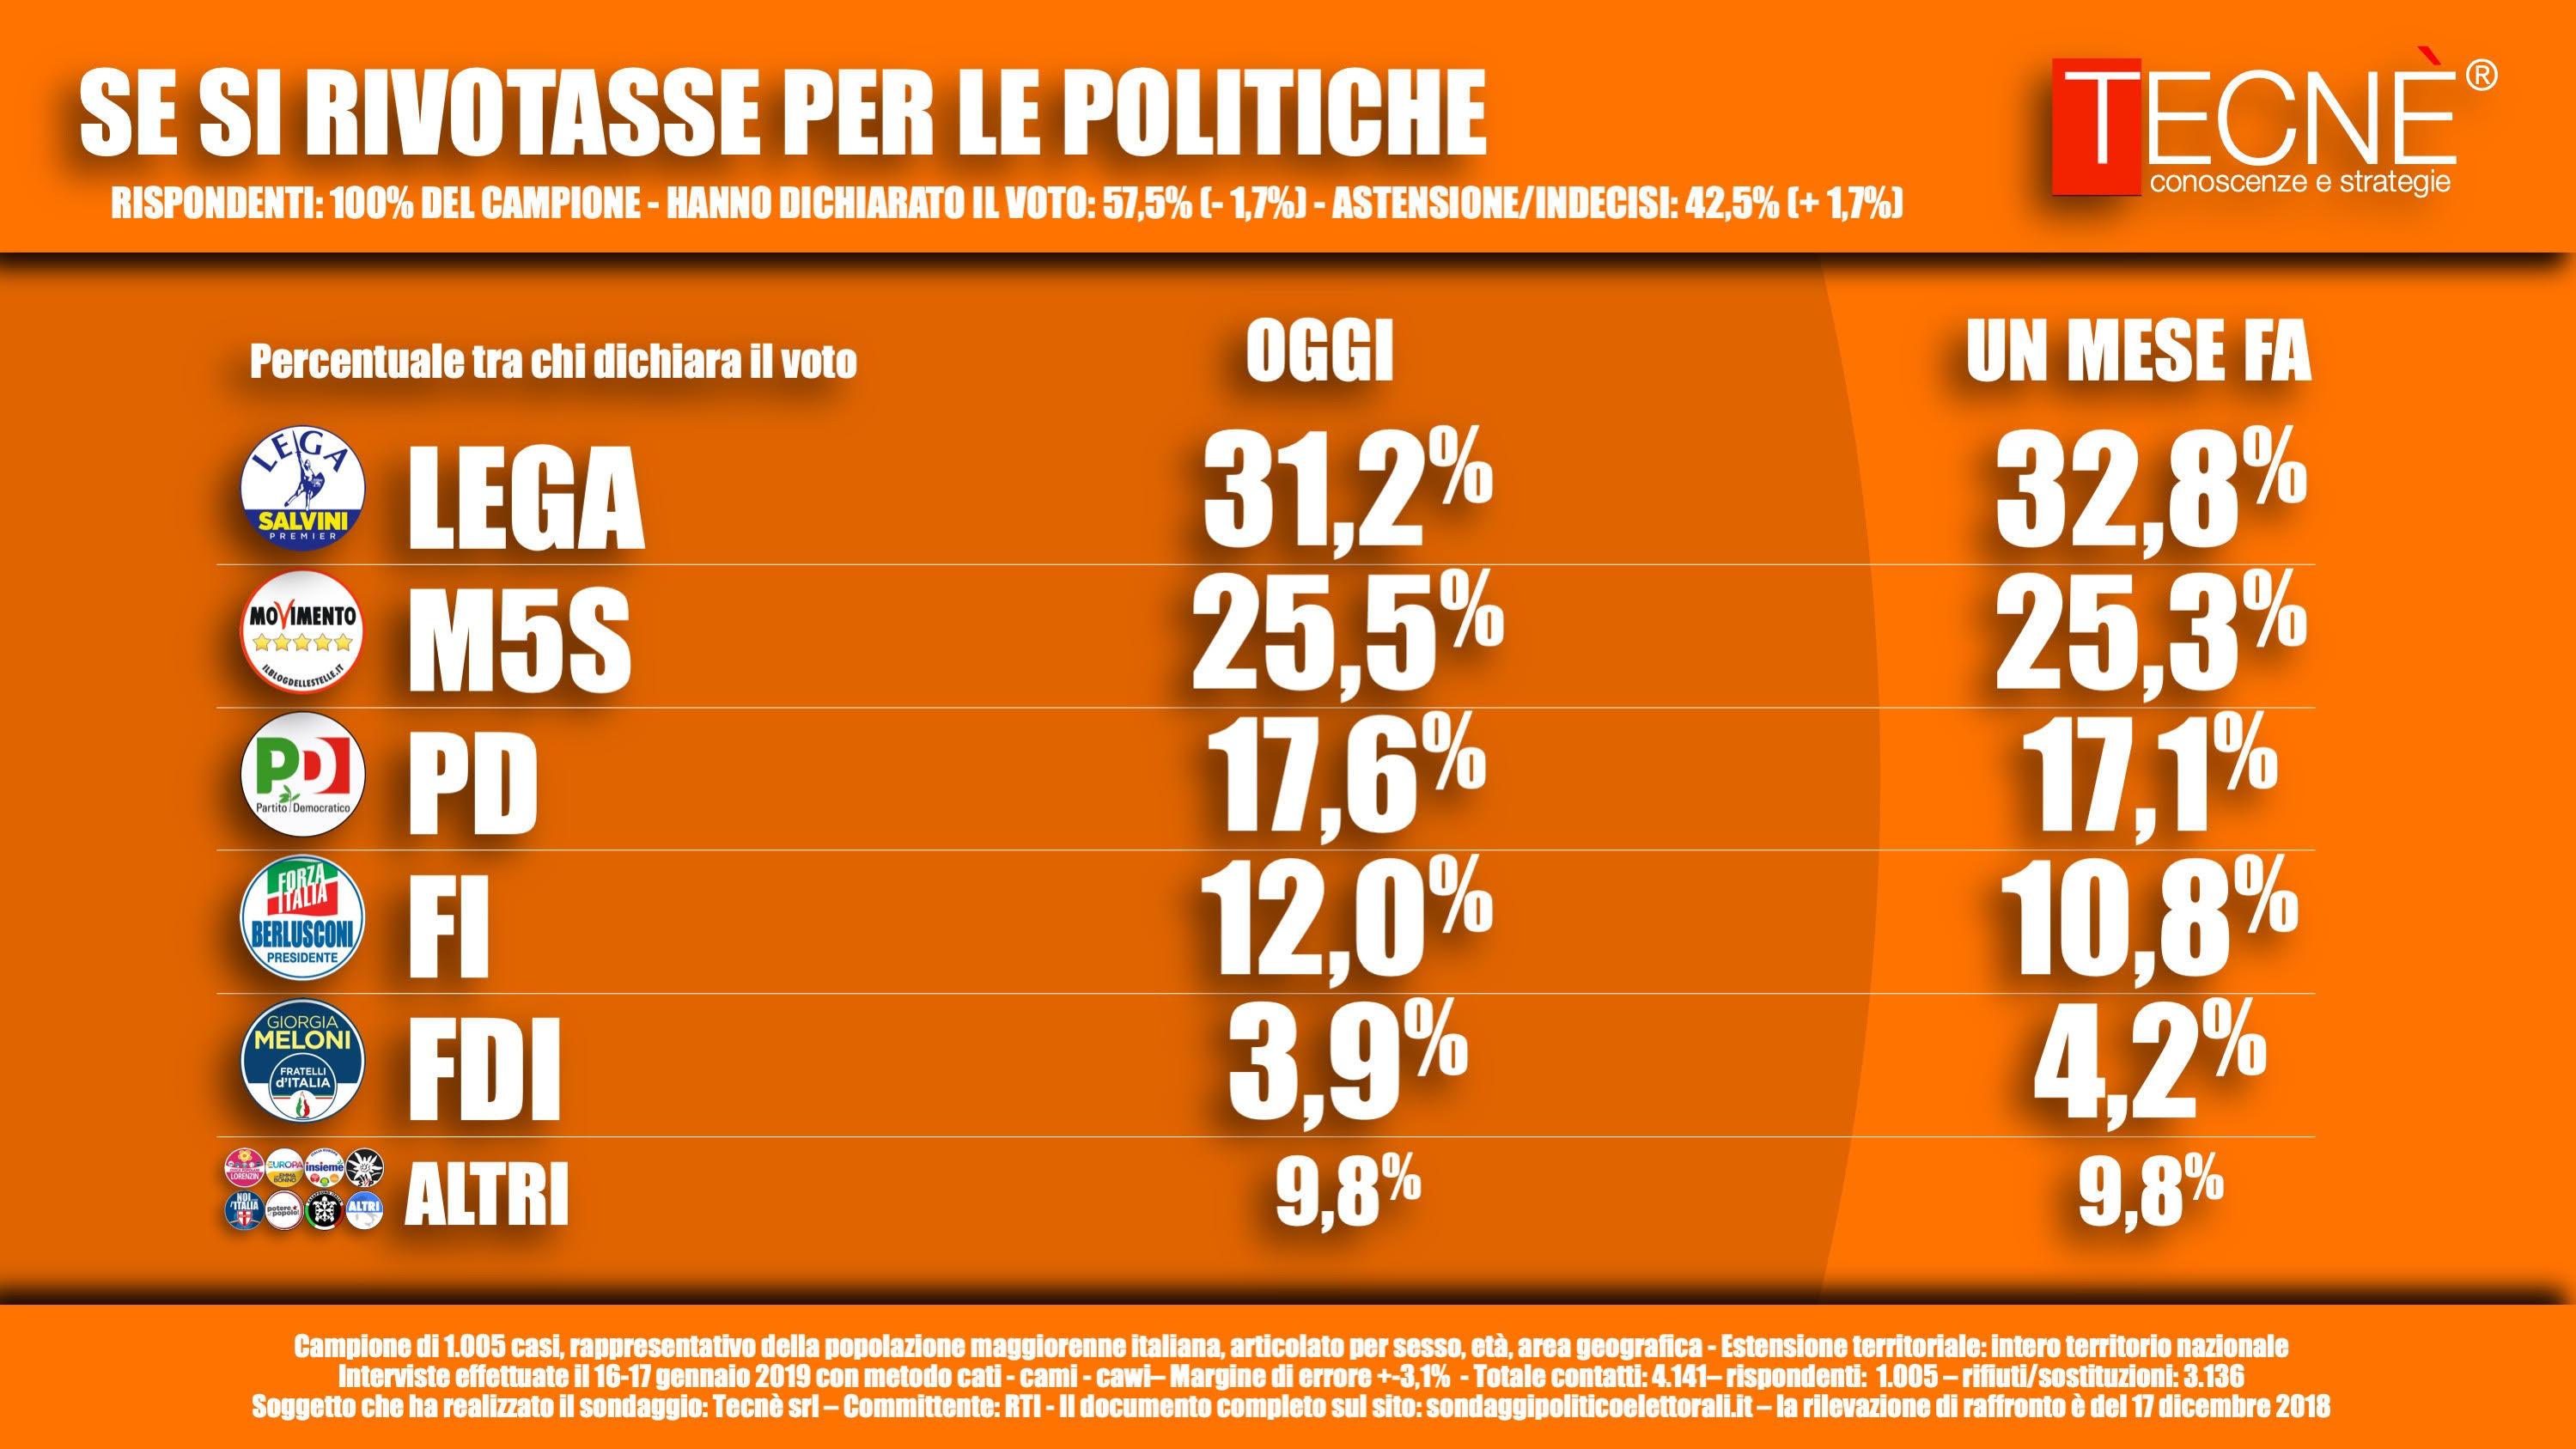 sondaggi elettorali tecne, voto